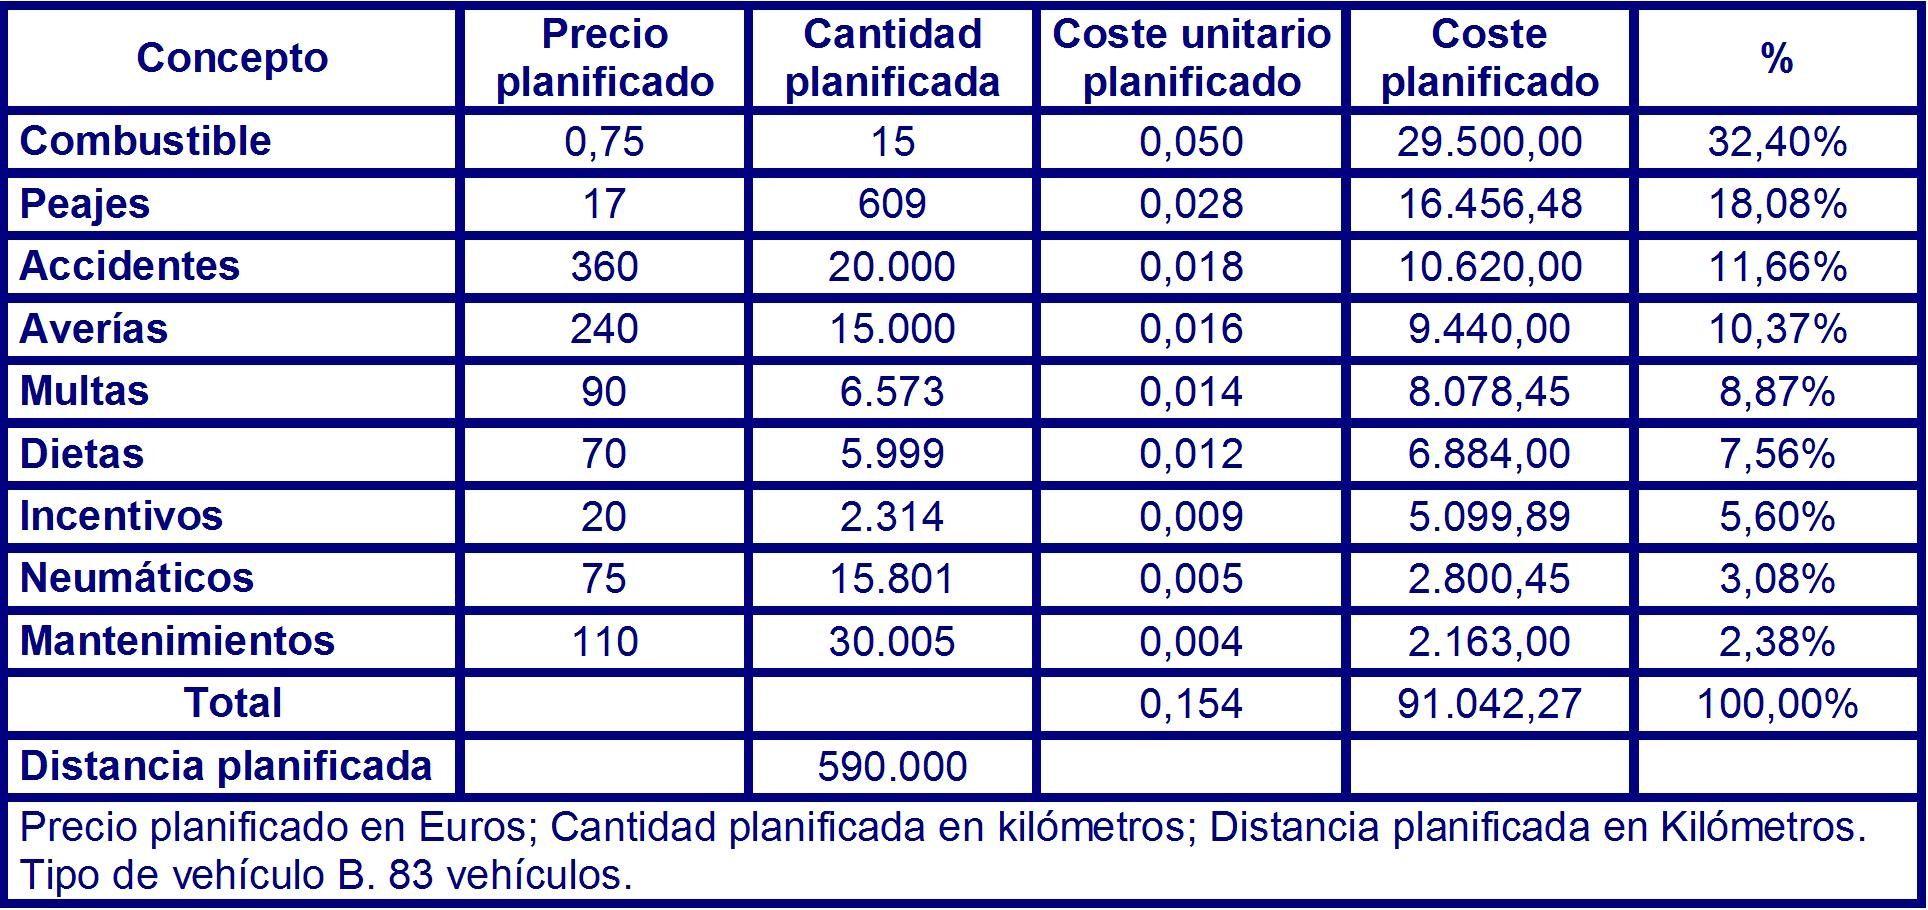 Tabla 82 costes planificados para el vehículo del tipo B en el instante T4 para 83 vehículos.